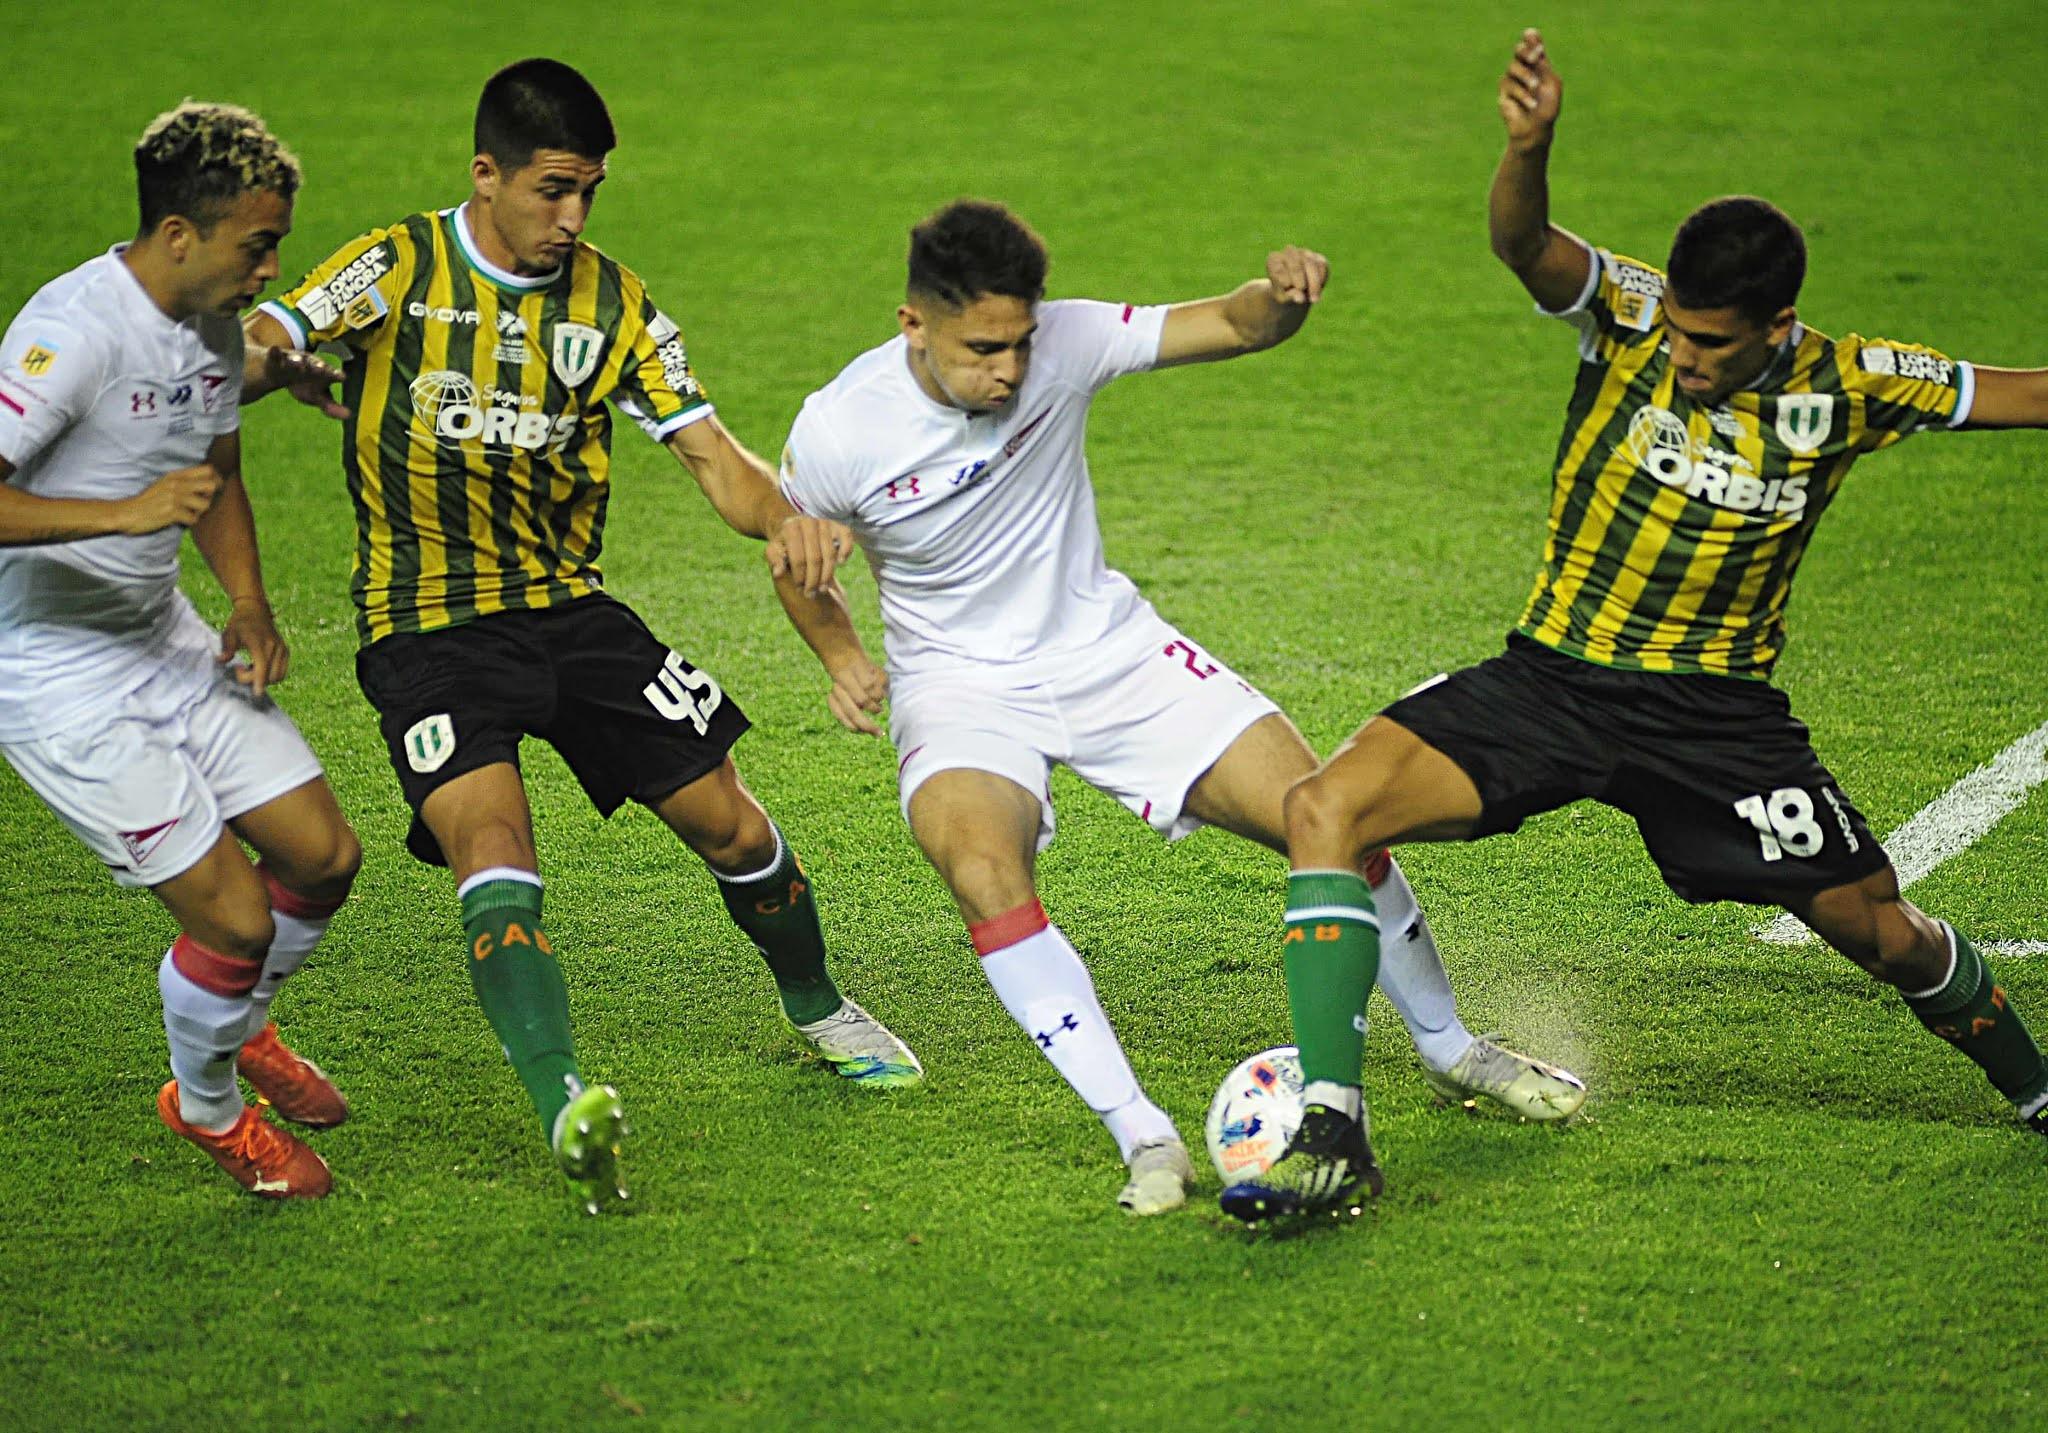 Banfield reacciona en la segunda parte y empata con Estudiantes de La Plata